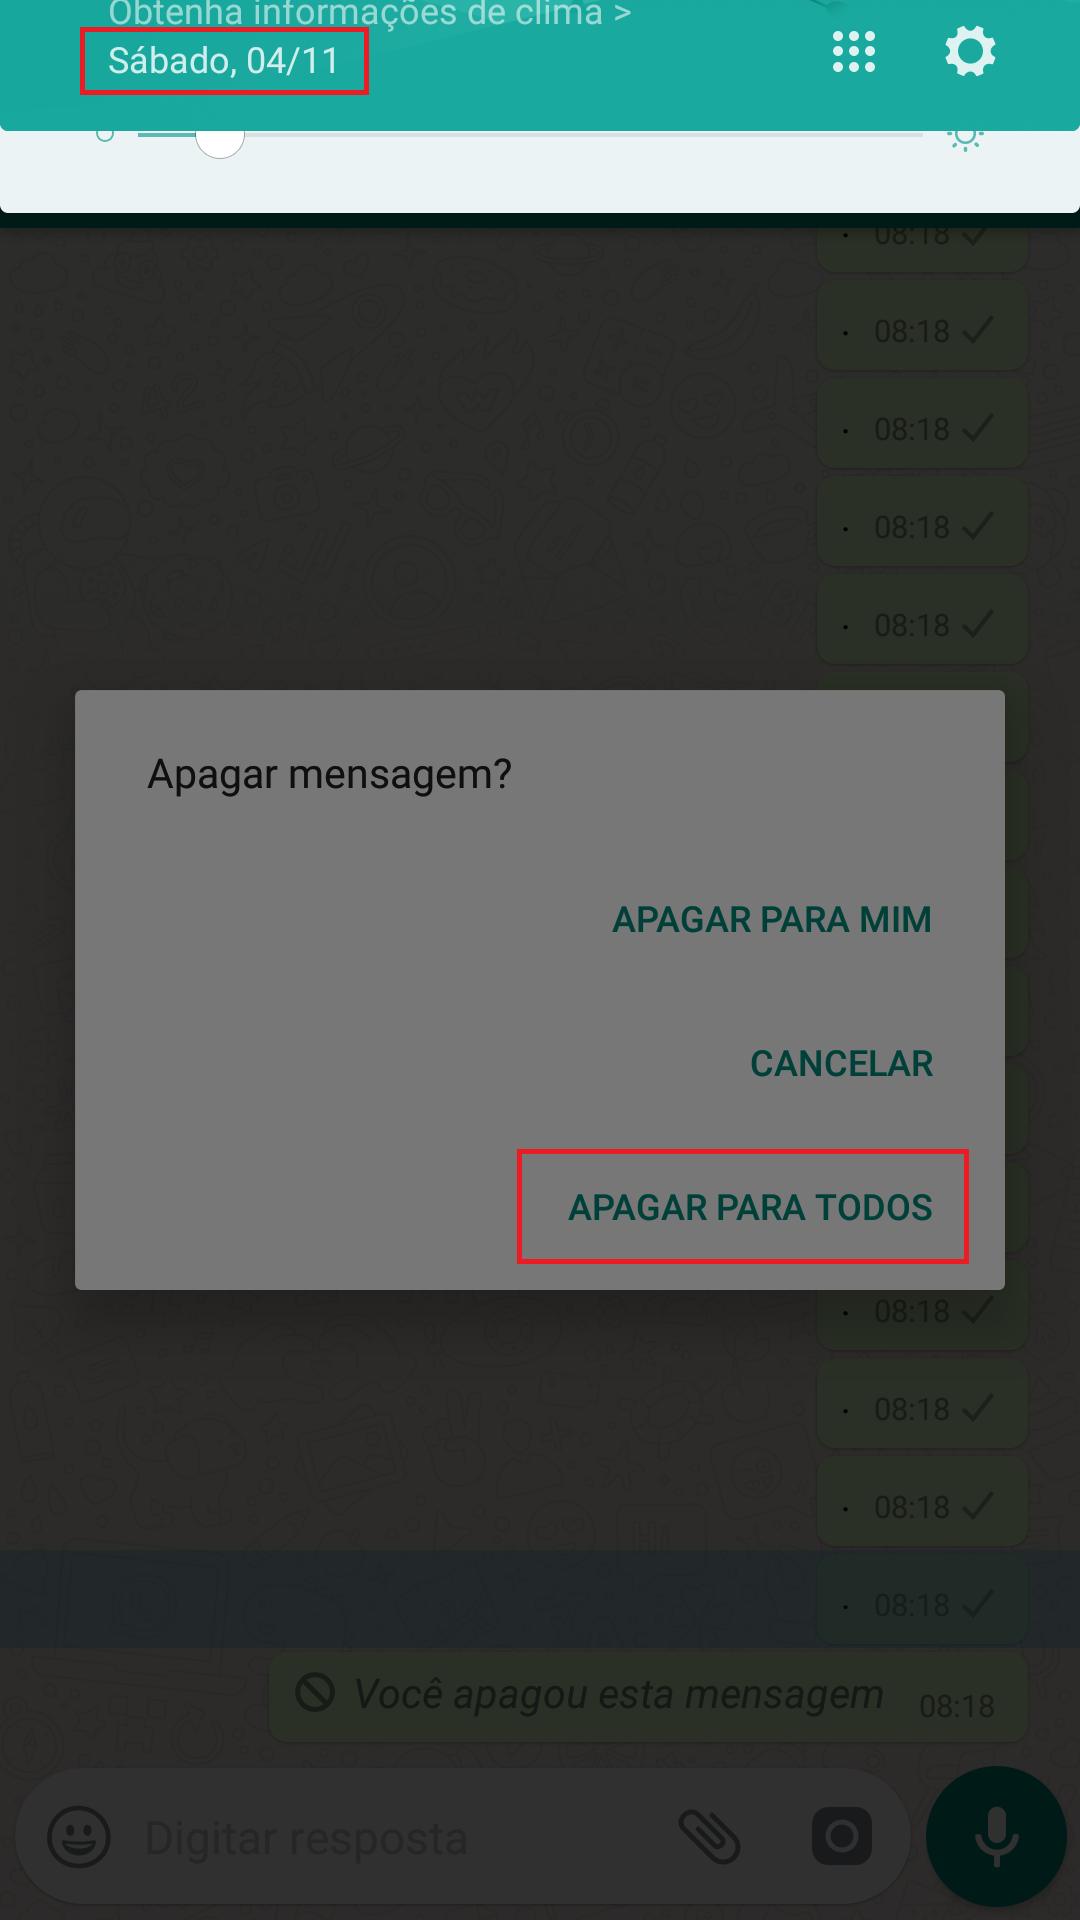 WhatsApp Permite Apagar Mensagens Depois de 7 Minutos